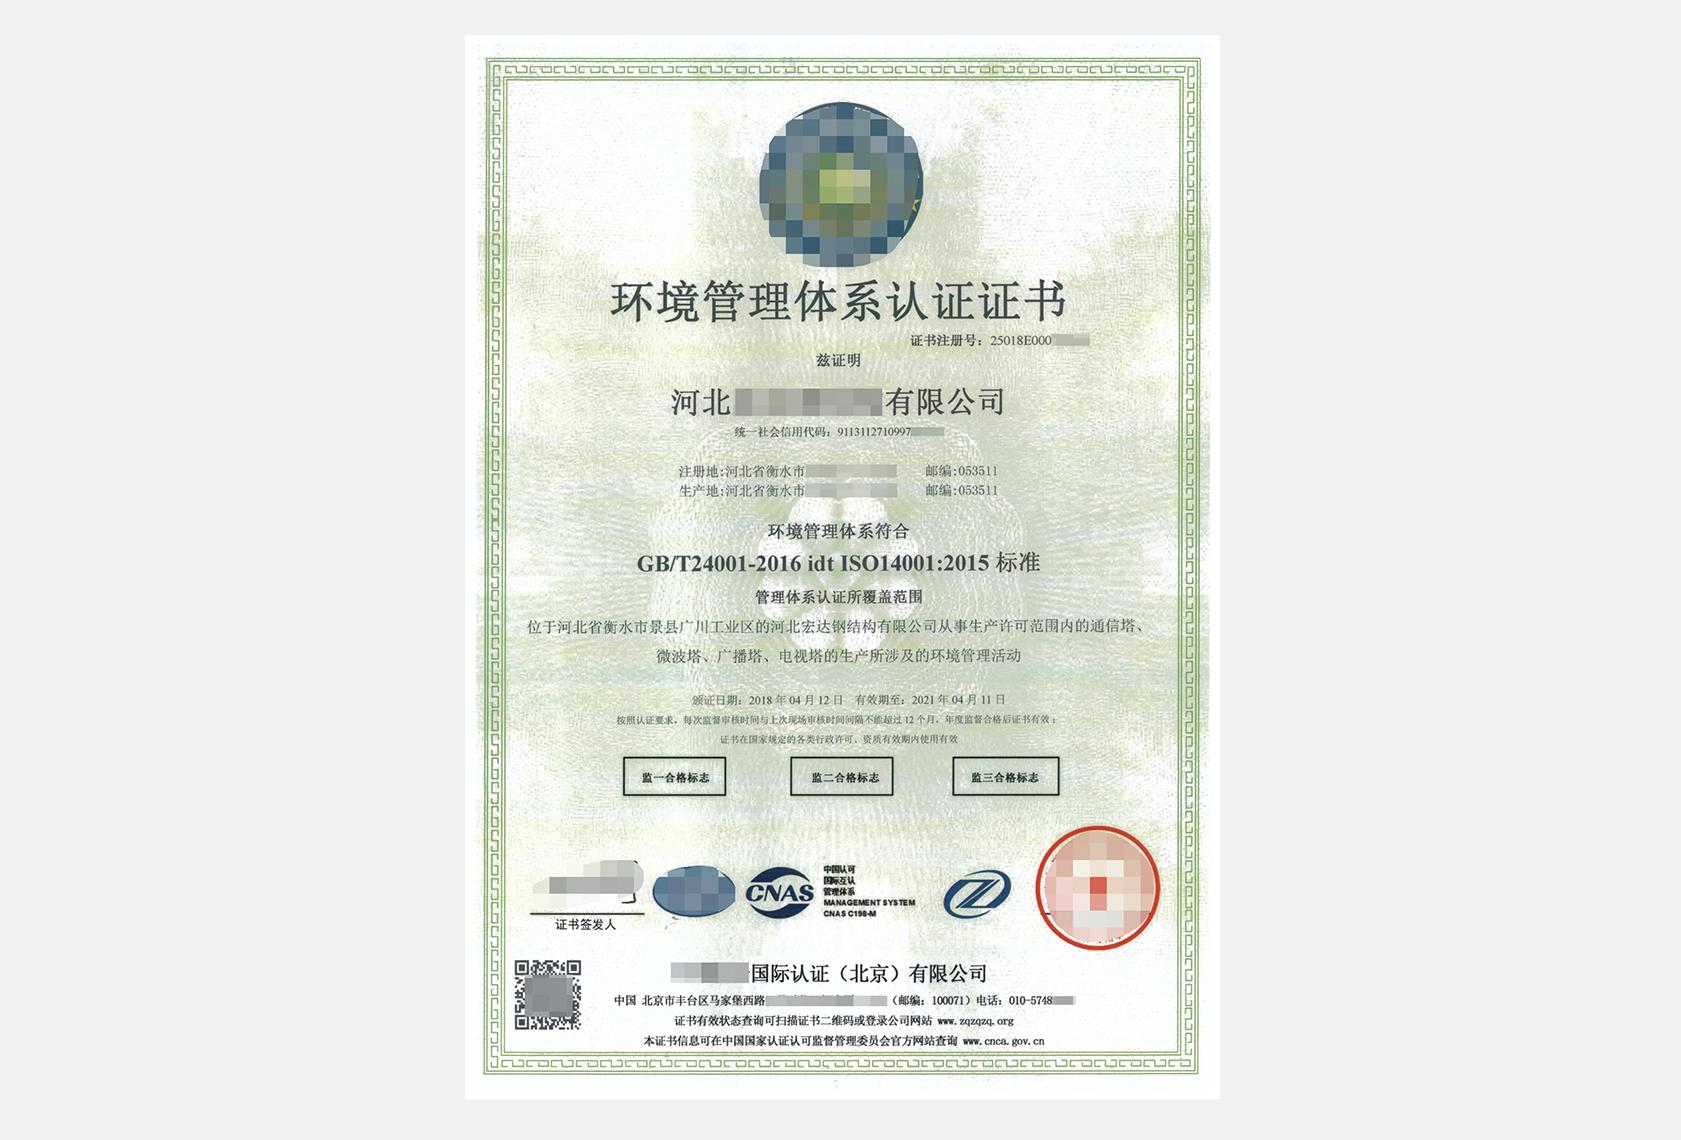 【环保通行证】ISO14001 环境管理体系认证证书